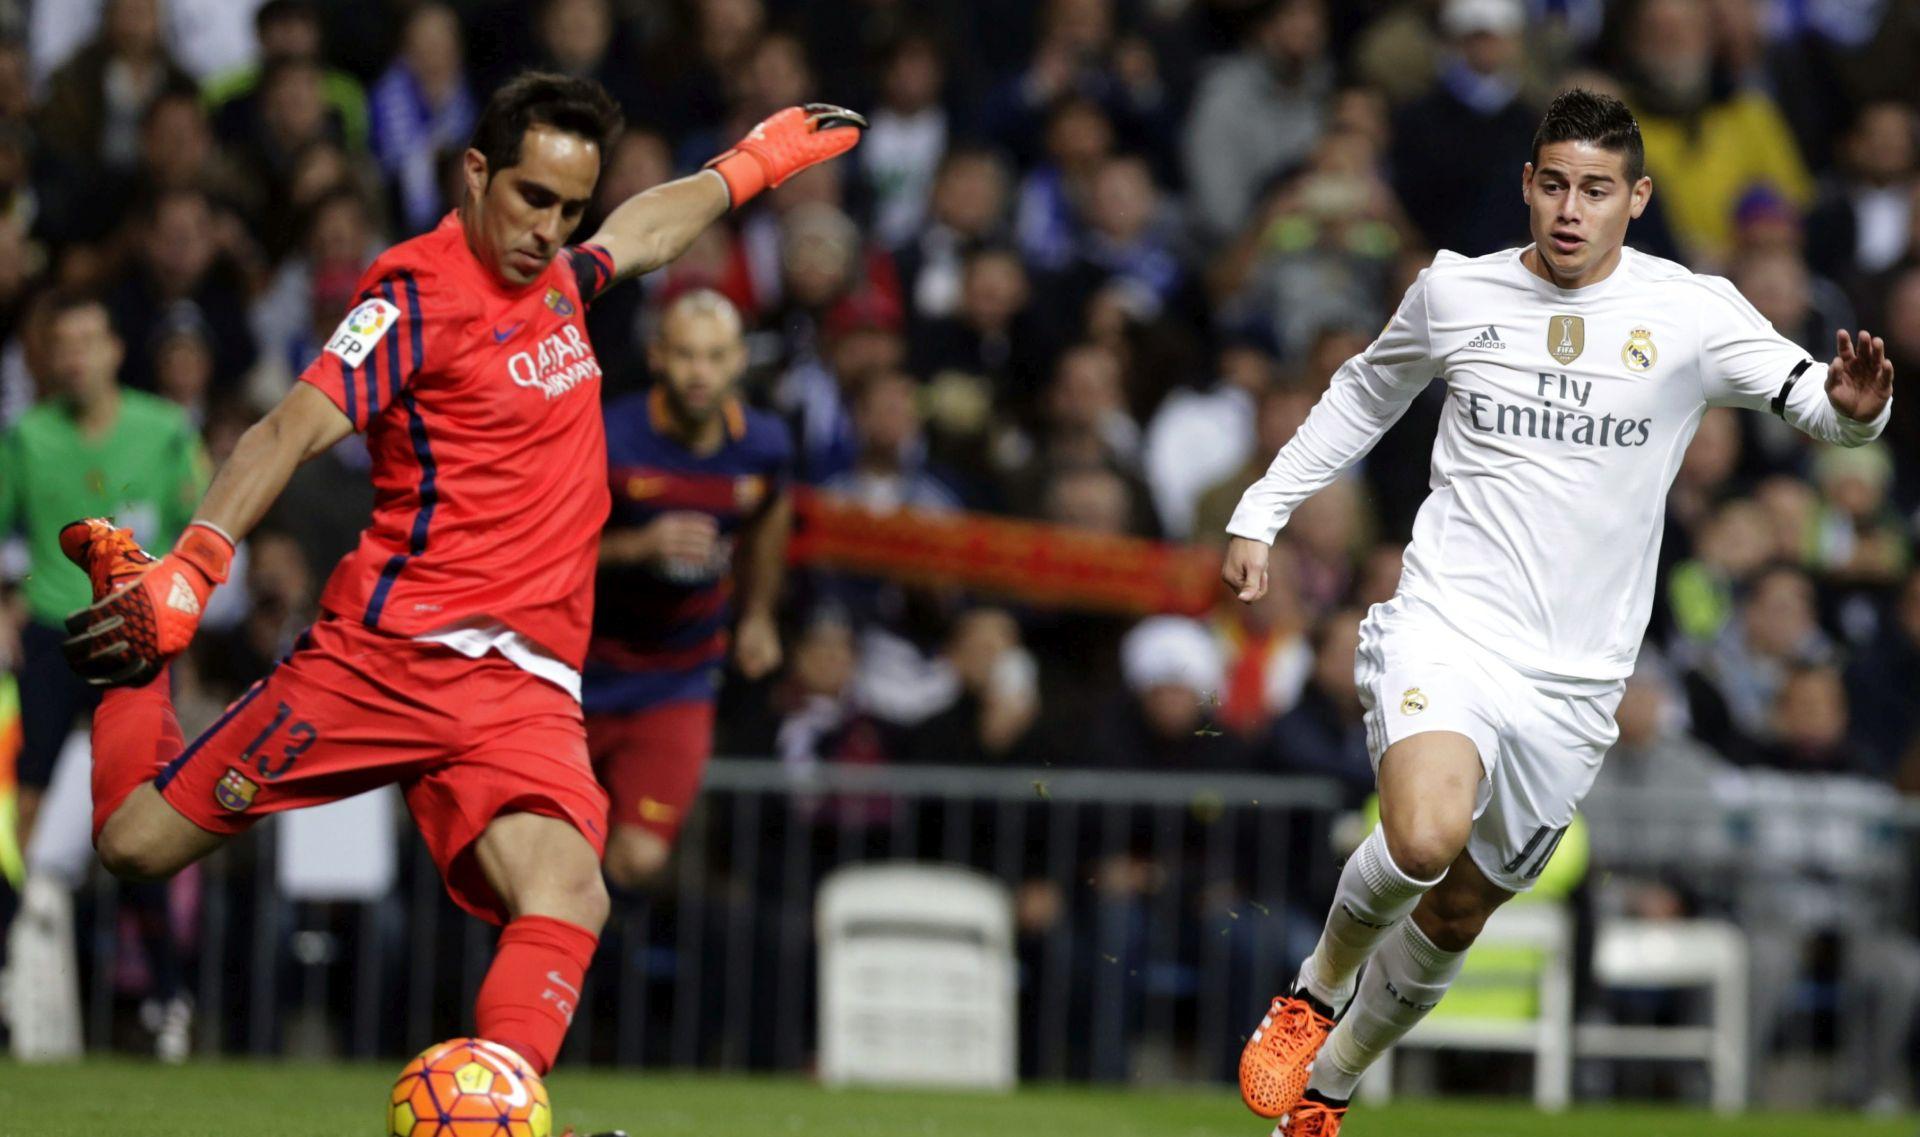 RAZMIŠLJA O ODLASKU: James Rodriguez nezadovoljan u Realu